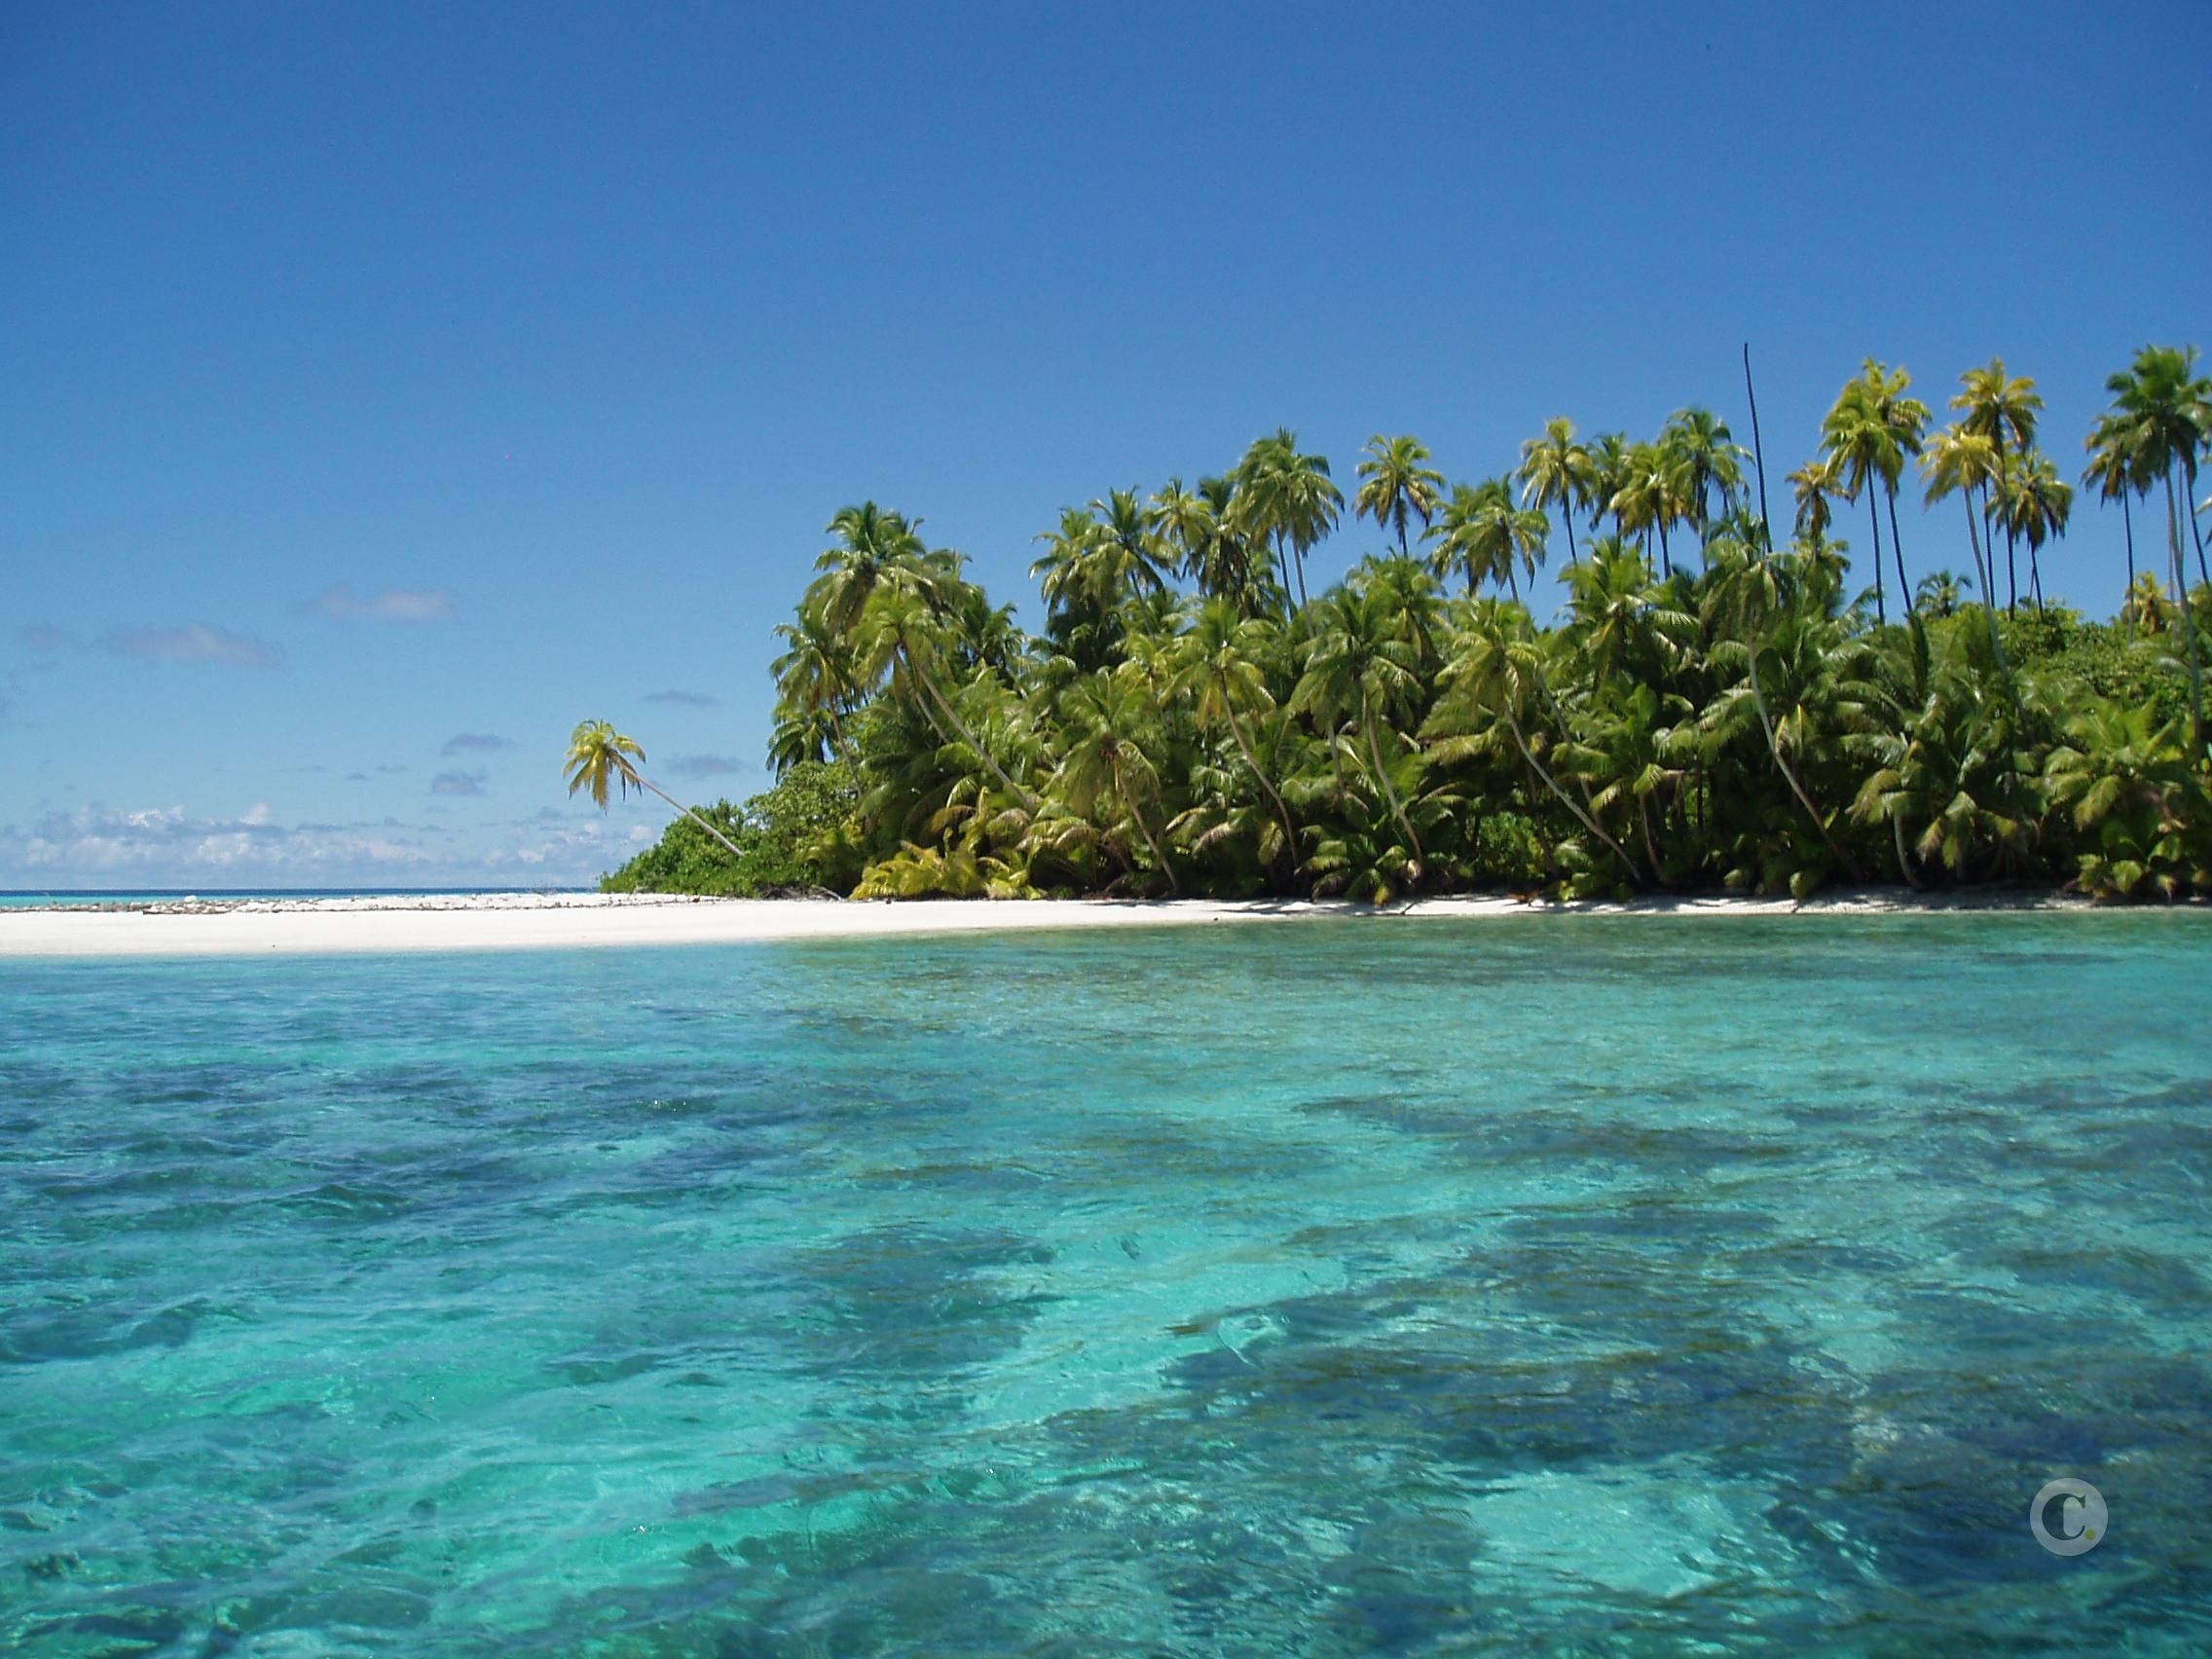 islas salomon wikipedia español